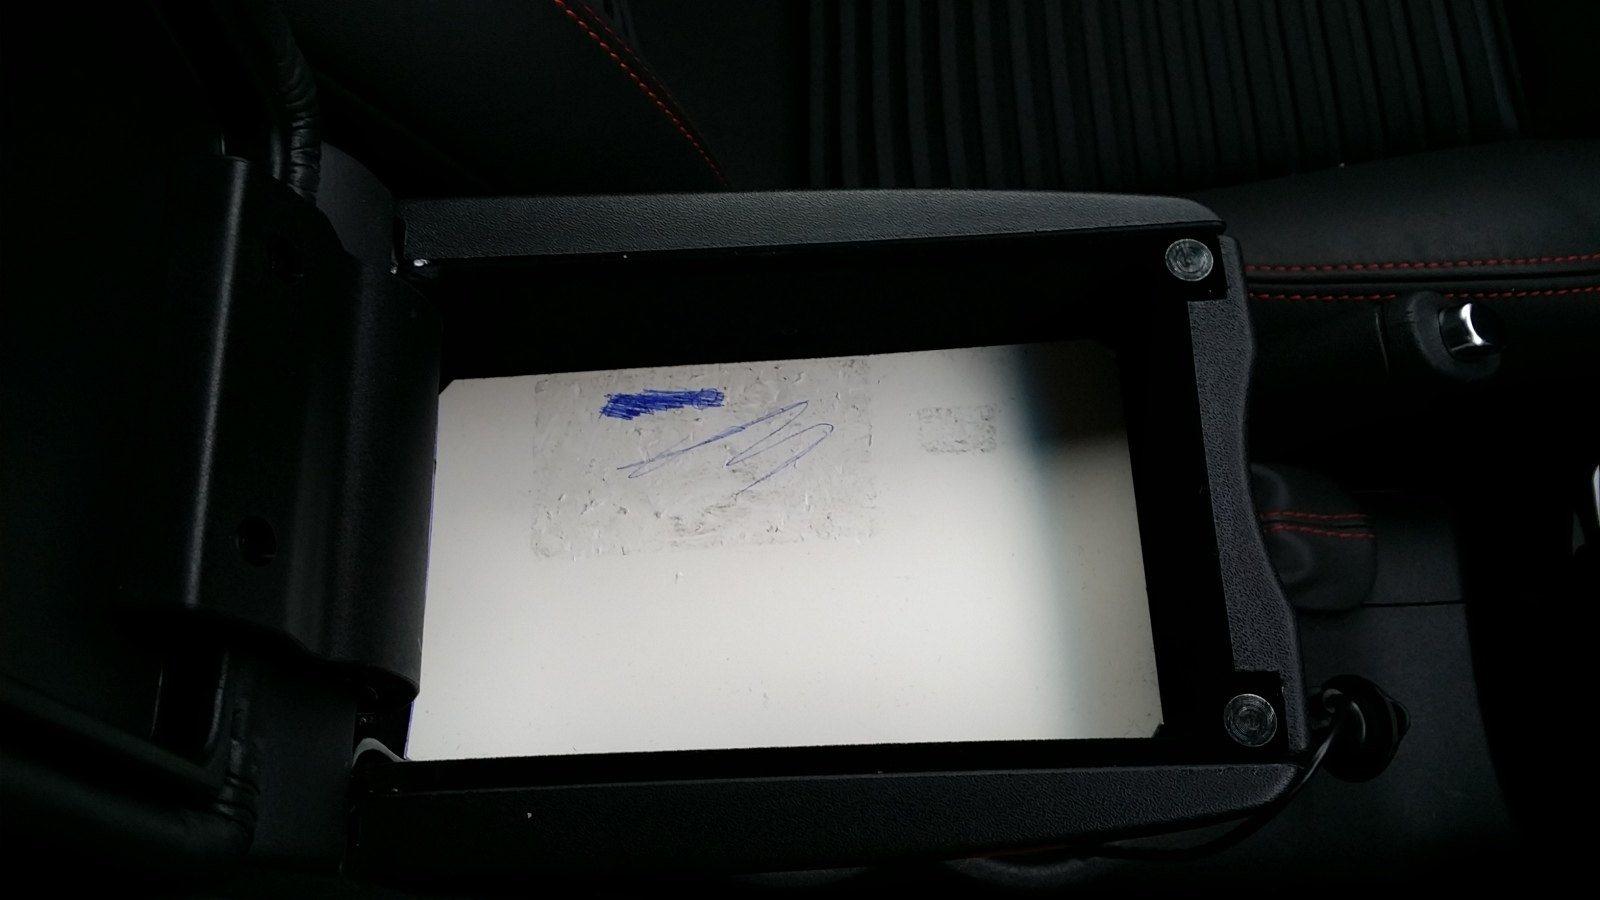 foto [GUIDA] Wireless charging Ricarica Wireless nel porta oggetti - 7